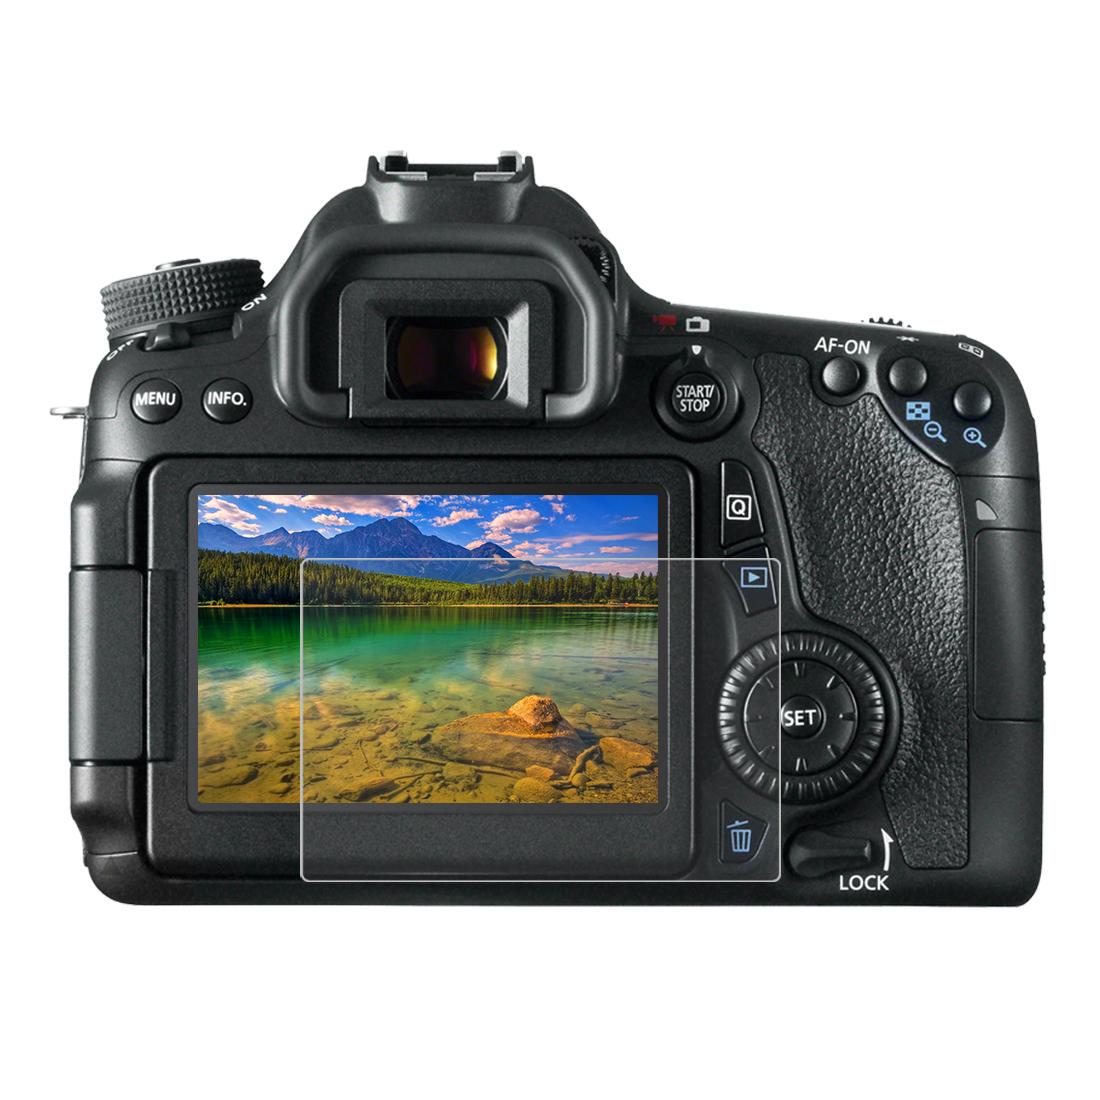 Tvrzené sklo pro digitální fotoaparát Canon Rebel T4i Rebel 5i Rebel 6i Rebel 6S Rebel 7i 4566 Zabaleno v: v OPP sáčku